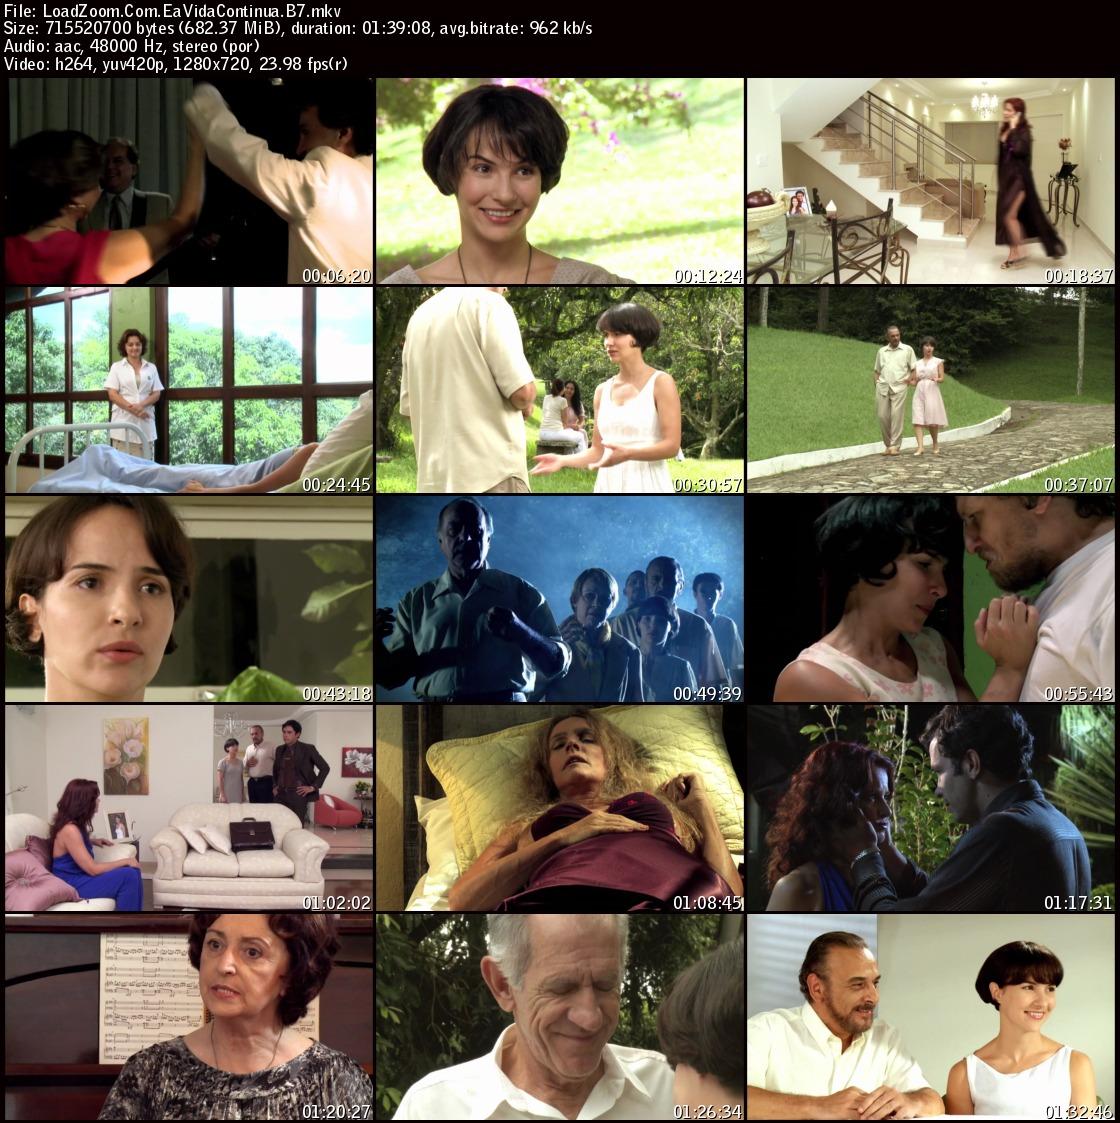 movie screenshot of E a Vida Continua fdmovie.com